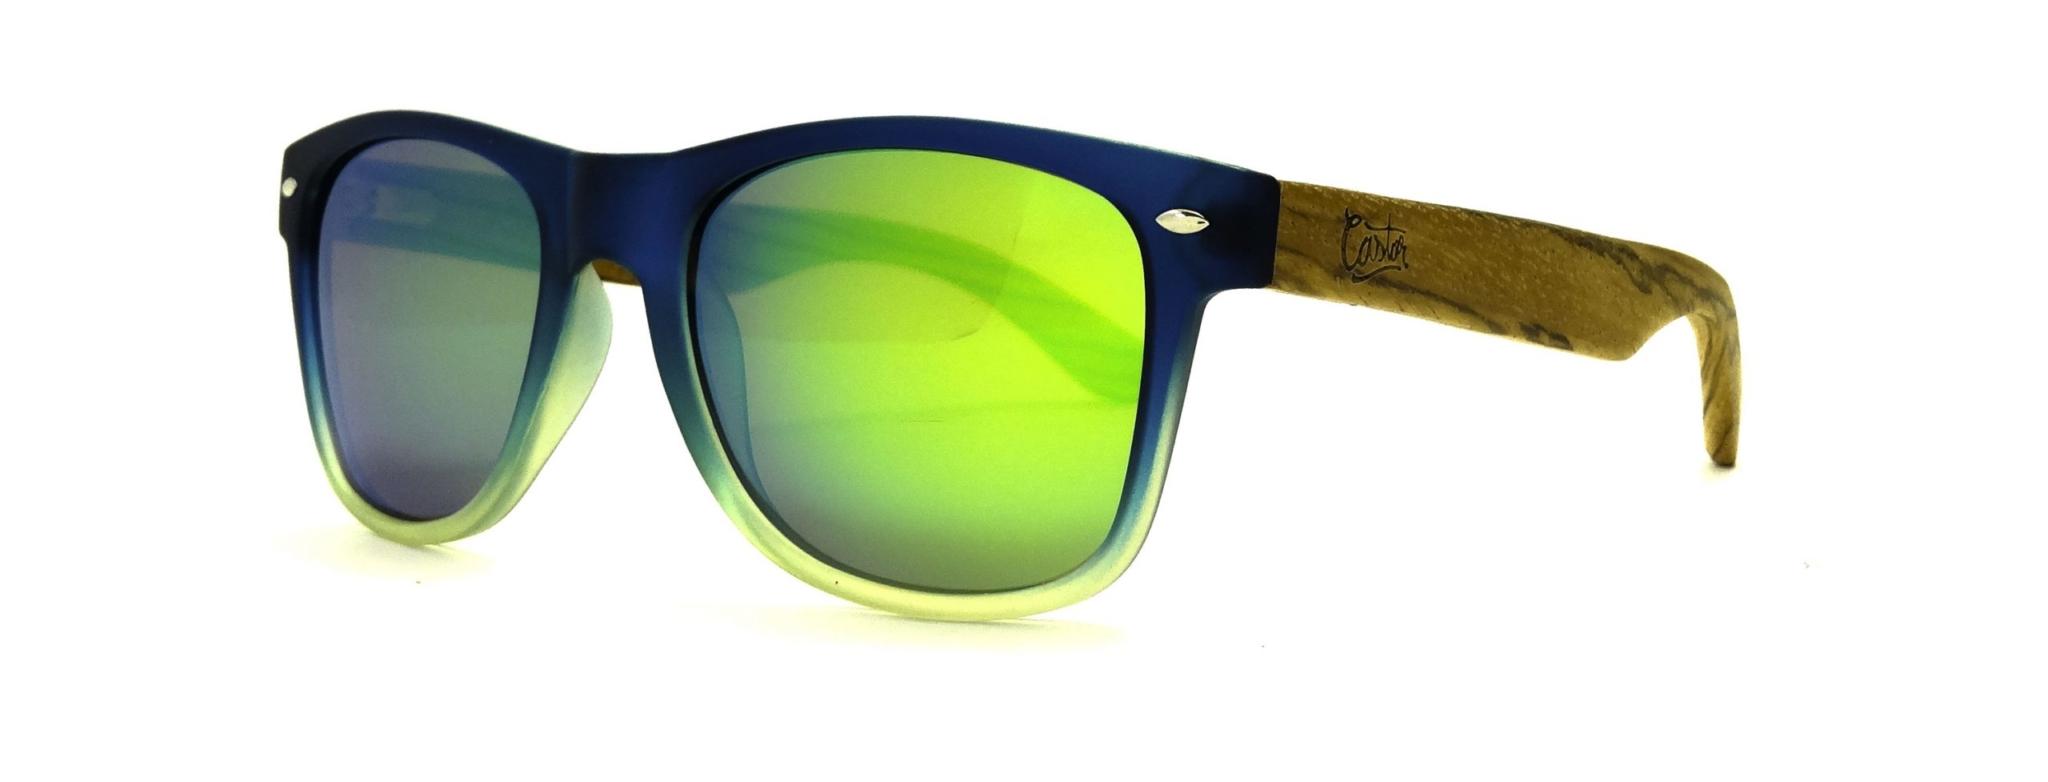 31e277a0-135b-gafas-de-sol